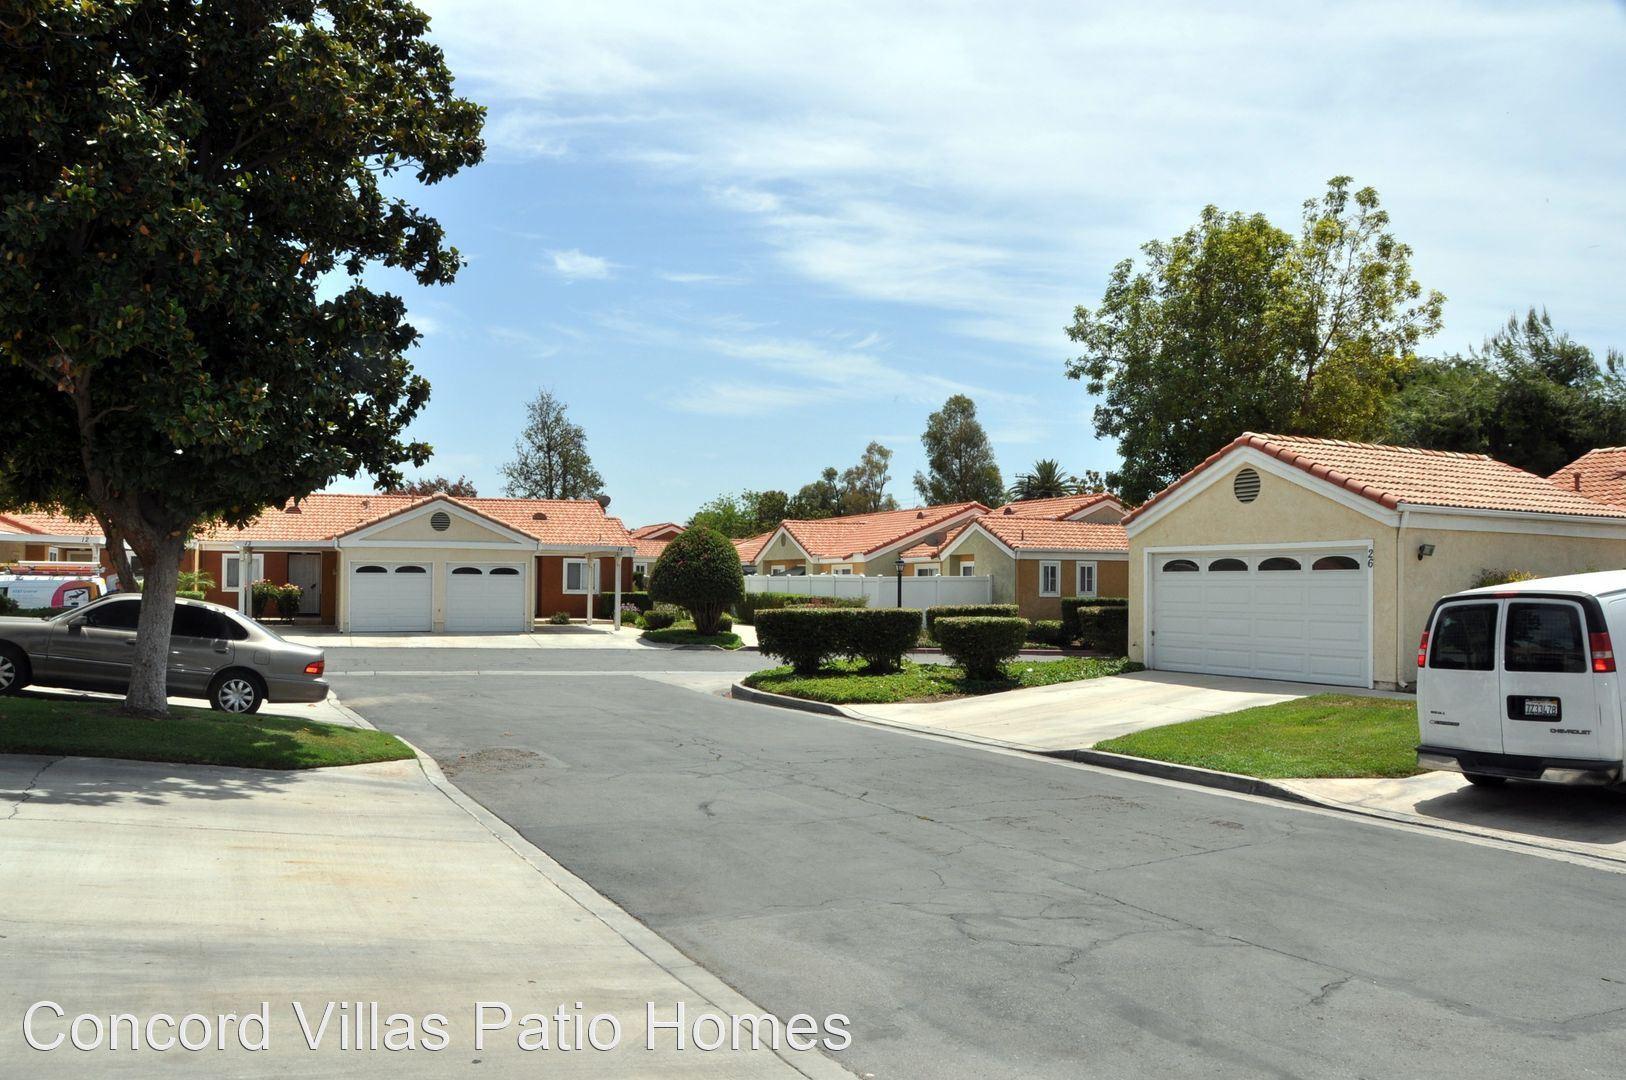 Concord Villas